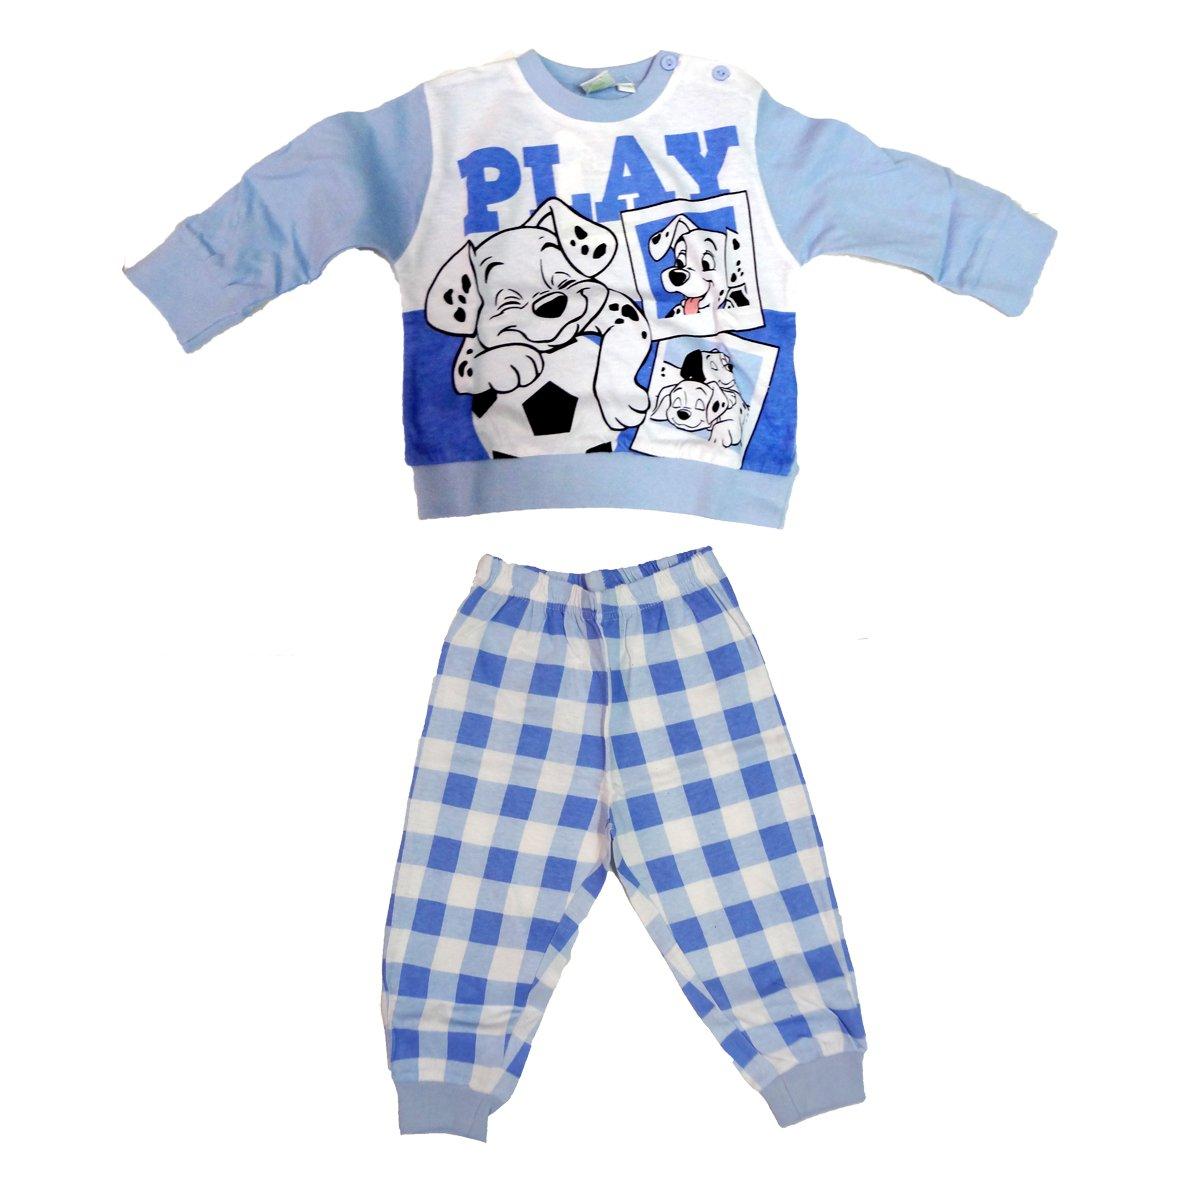 pigiama neonato lungo in cotone jersey LA CARICA DEI 101 disney art. WD101135